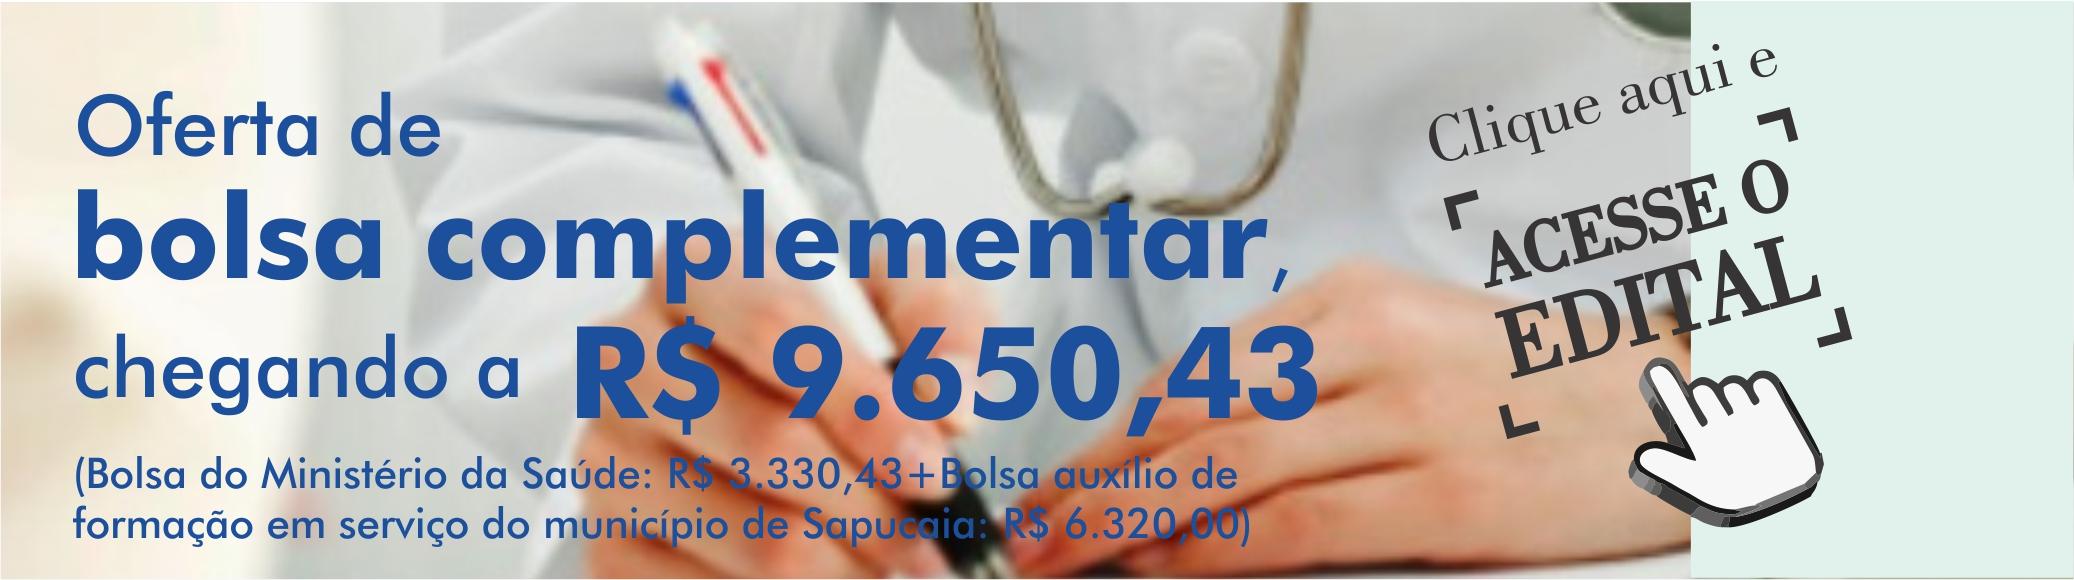 Imagem1_Hotsite_PRM_alterada